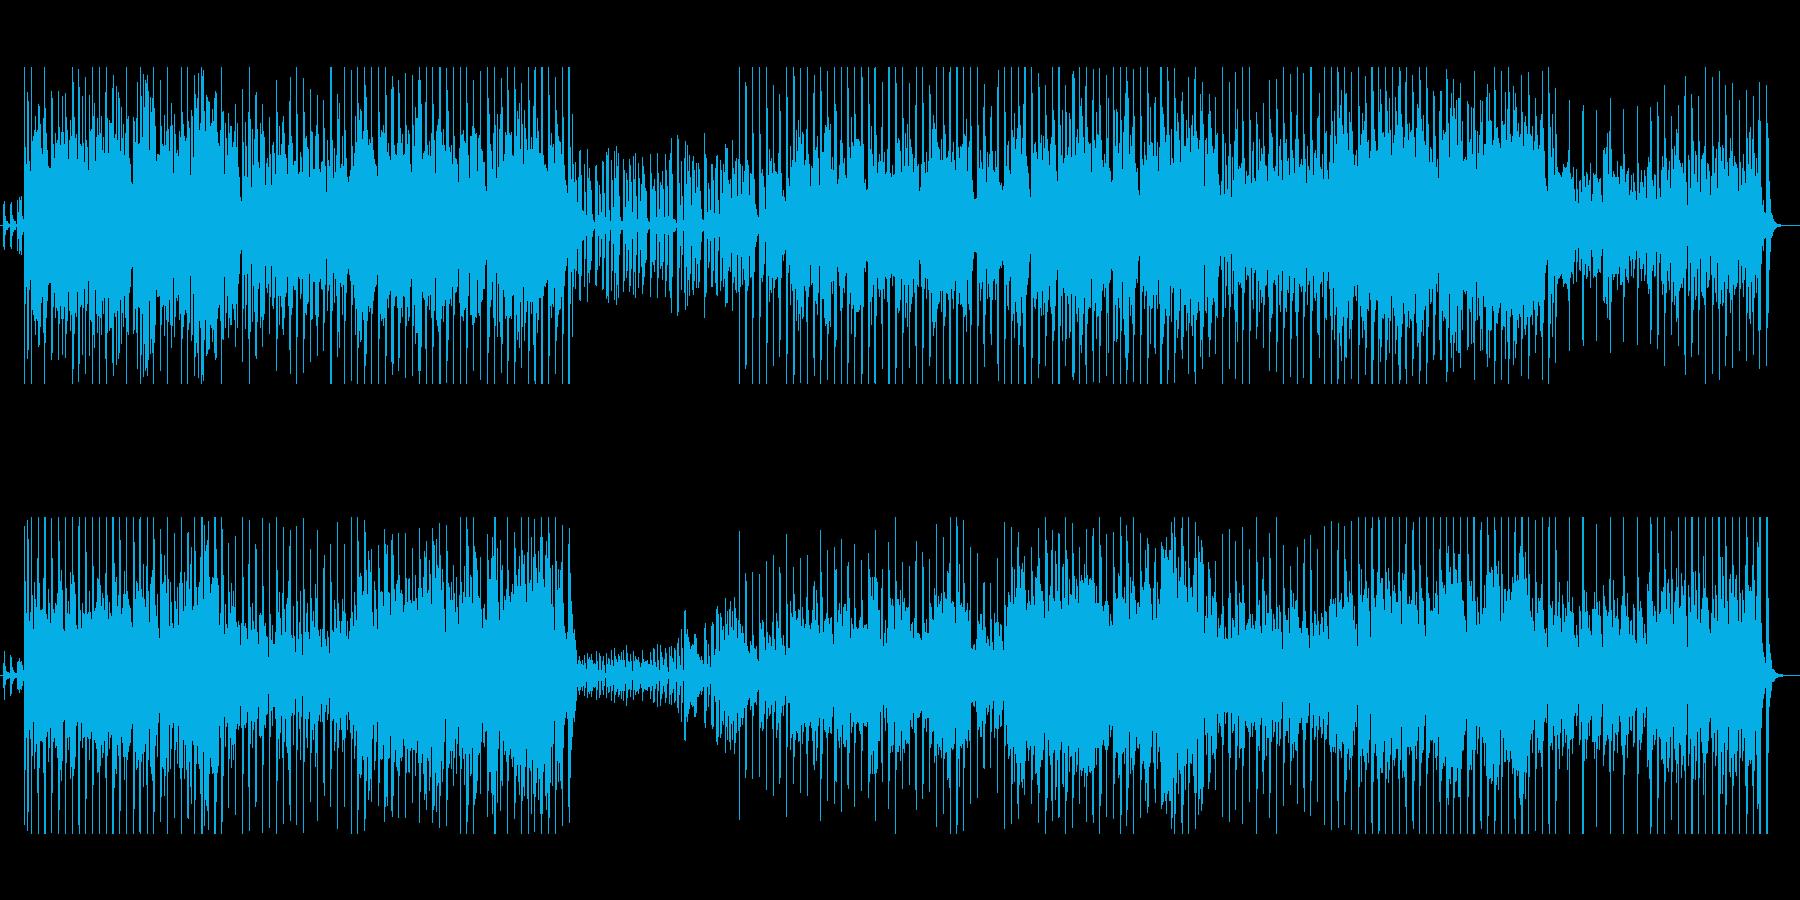 夏っぽくて陽気なBGMの再生済みの波形